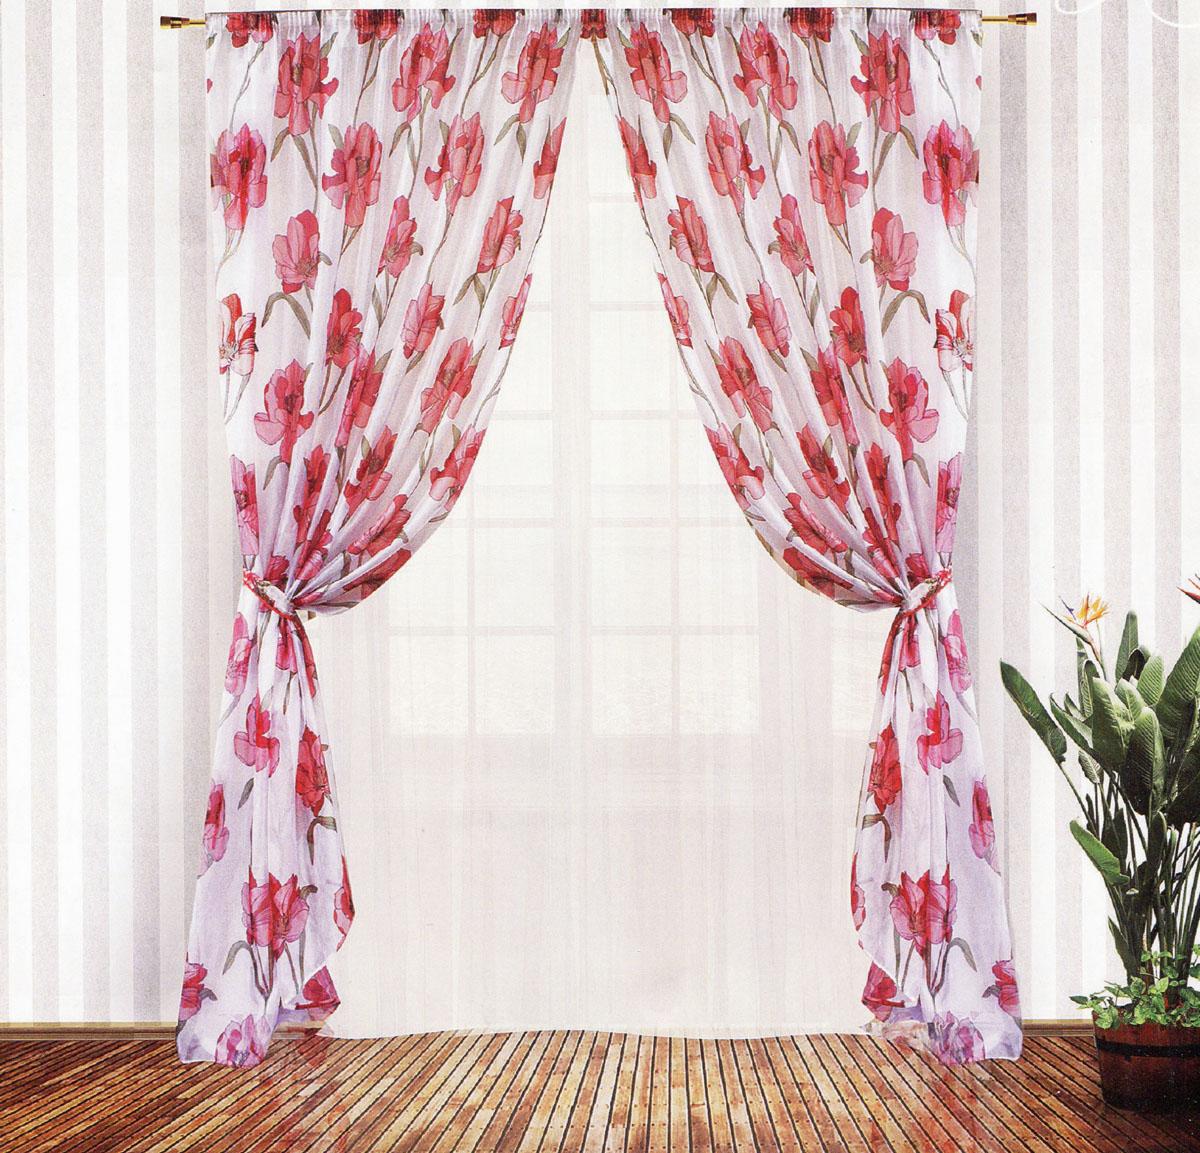 Комплект штор Zlata Korunka, на ленте, цвет: белый, красный, высота 250 см. 5554055540Роскошный комплект тюлевых штор Zlata Korunka, выполненный из вуали и микровуали (100% полиэстера), великолепно украсит любое окно. Комплект состоит из двух штор, тюля и двух подхватов. Полупрозрачная ткань, цветочный принт и приятная, приглушенная гамма привлекут к себе внимание и органично впишутся в интерьер помещения. Комплект крепится на карниз при помощи шторной ленты, которая поможет красиво и равномерно задрапировать верх. Шторы можно зафиксировать в одном положении с помощью двух подхватов. Этот комплект будет долгое время радовать вас и вашу семью! В комплект входит: Штора: 2 шт. Размер (ШхВ): 200 см х 250 см. Тюль: 1 шт. Размер (ШхВ): 400 см х 250 см. Подхват: 2 шт. Размер (ШхВ): 60 см х 10 см.